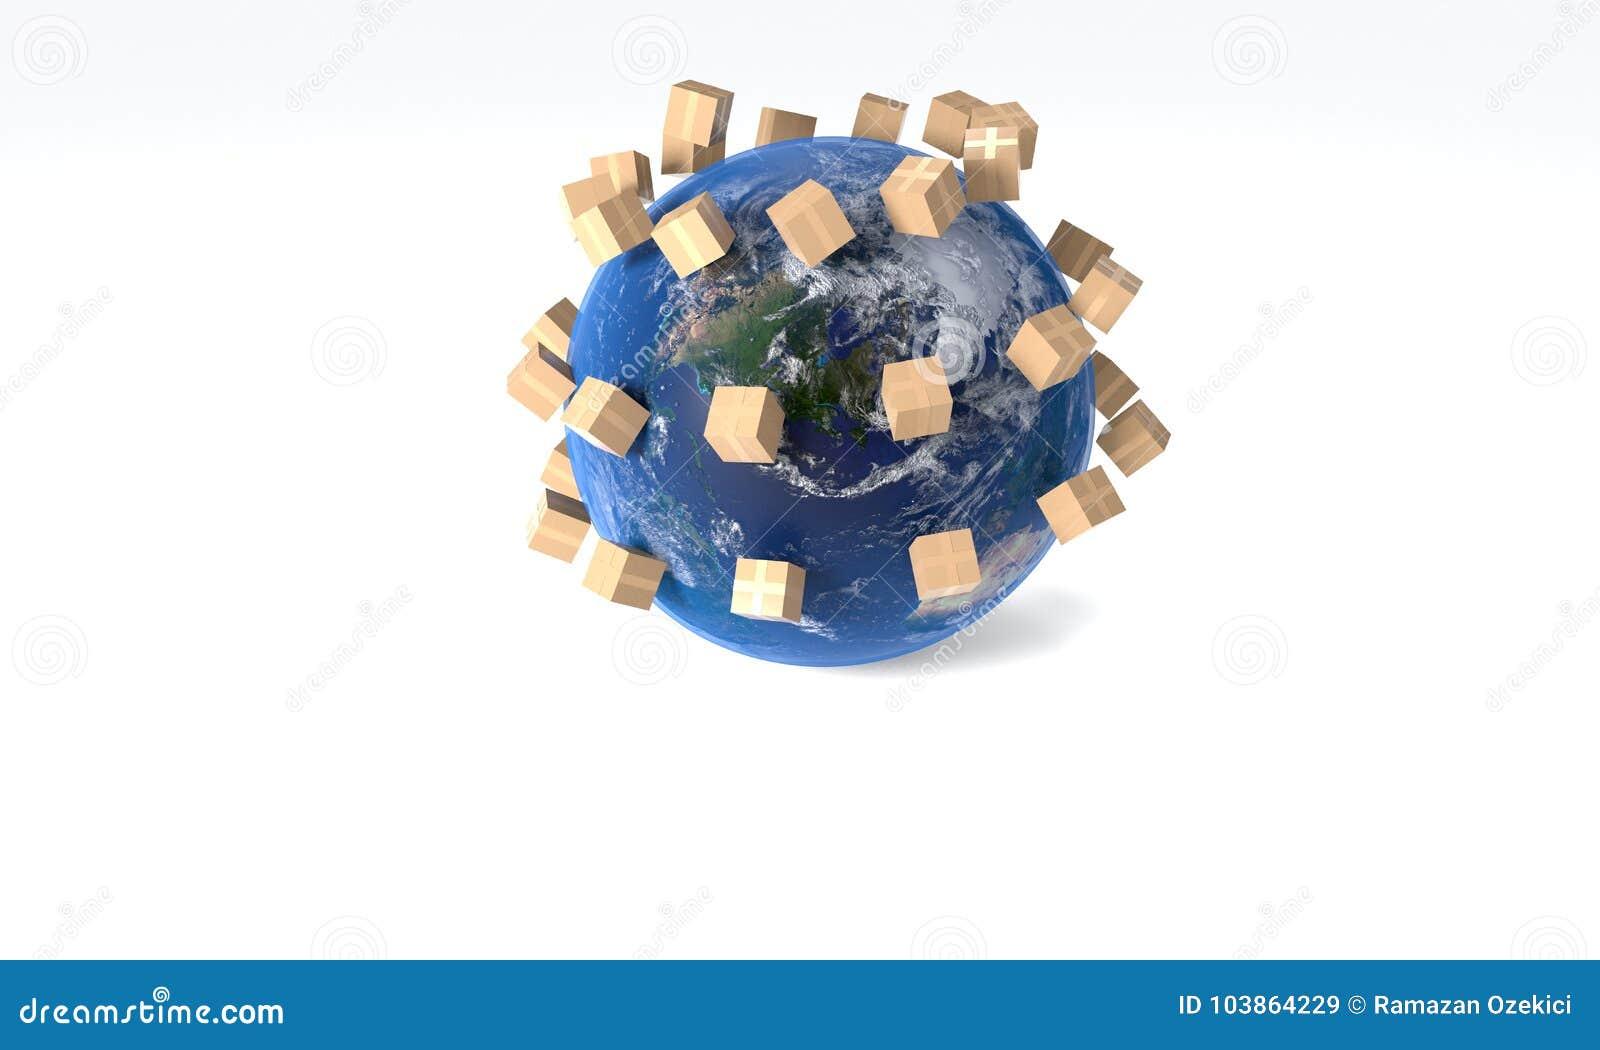 Das Konzept des kostenlosen Versands weltweit, Wiedergabe 3d